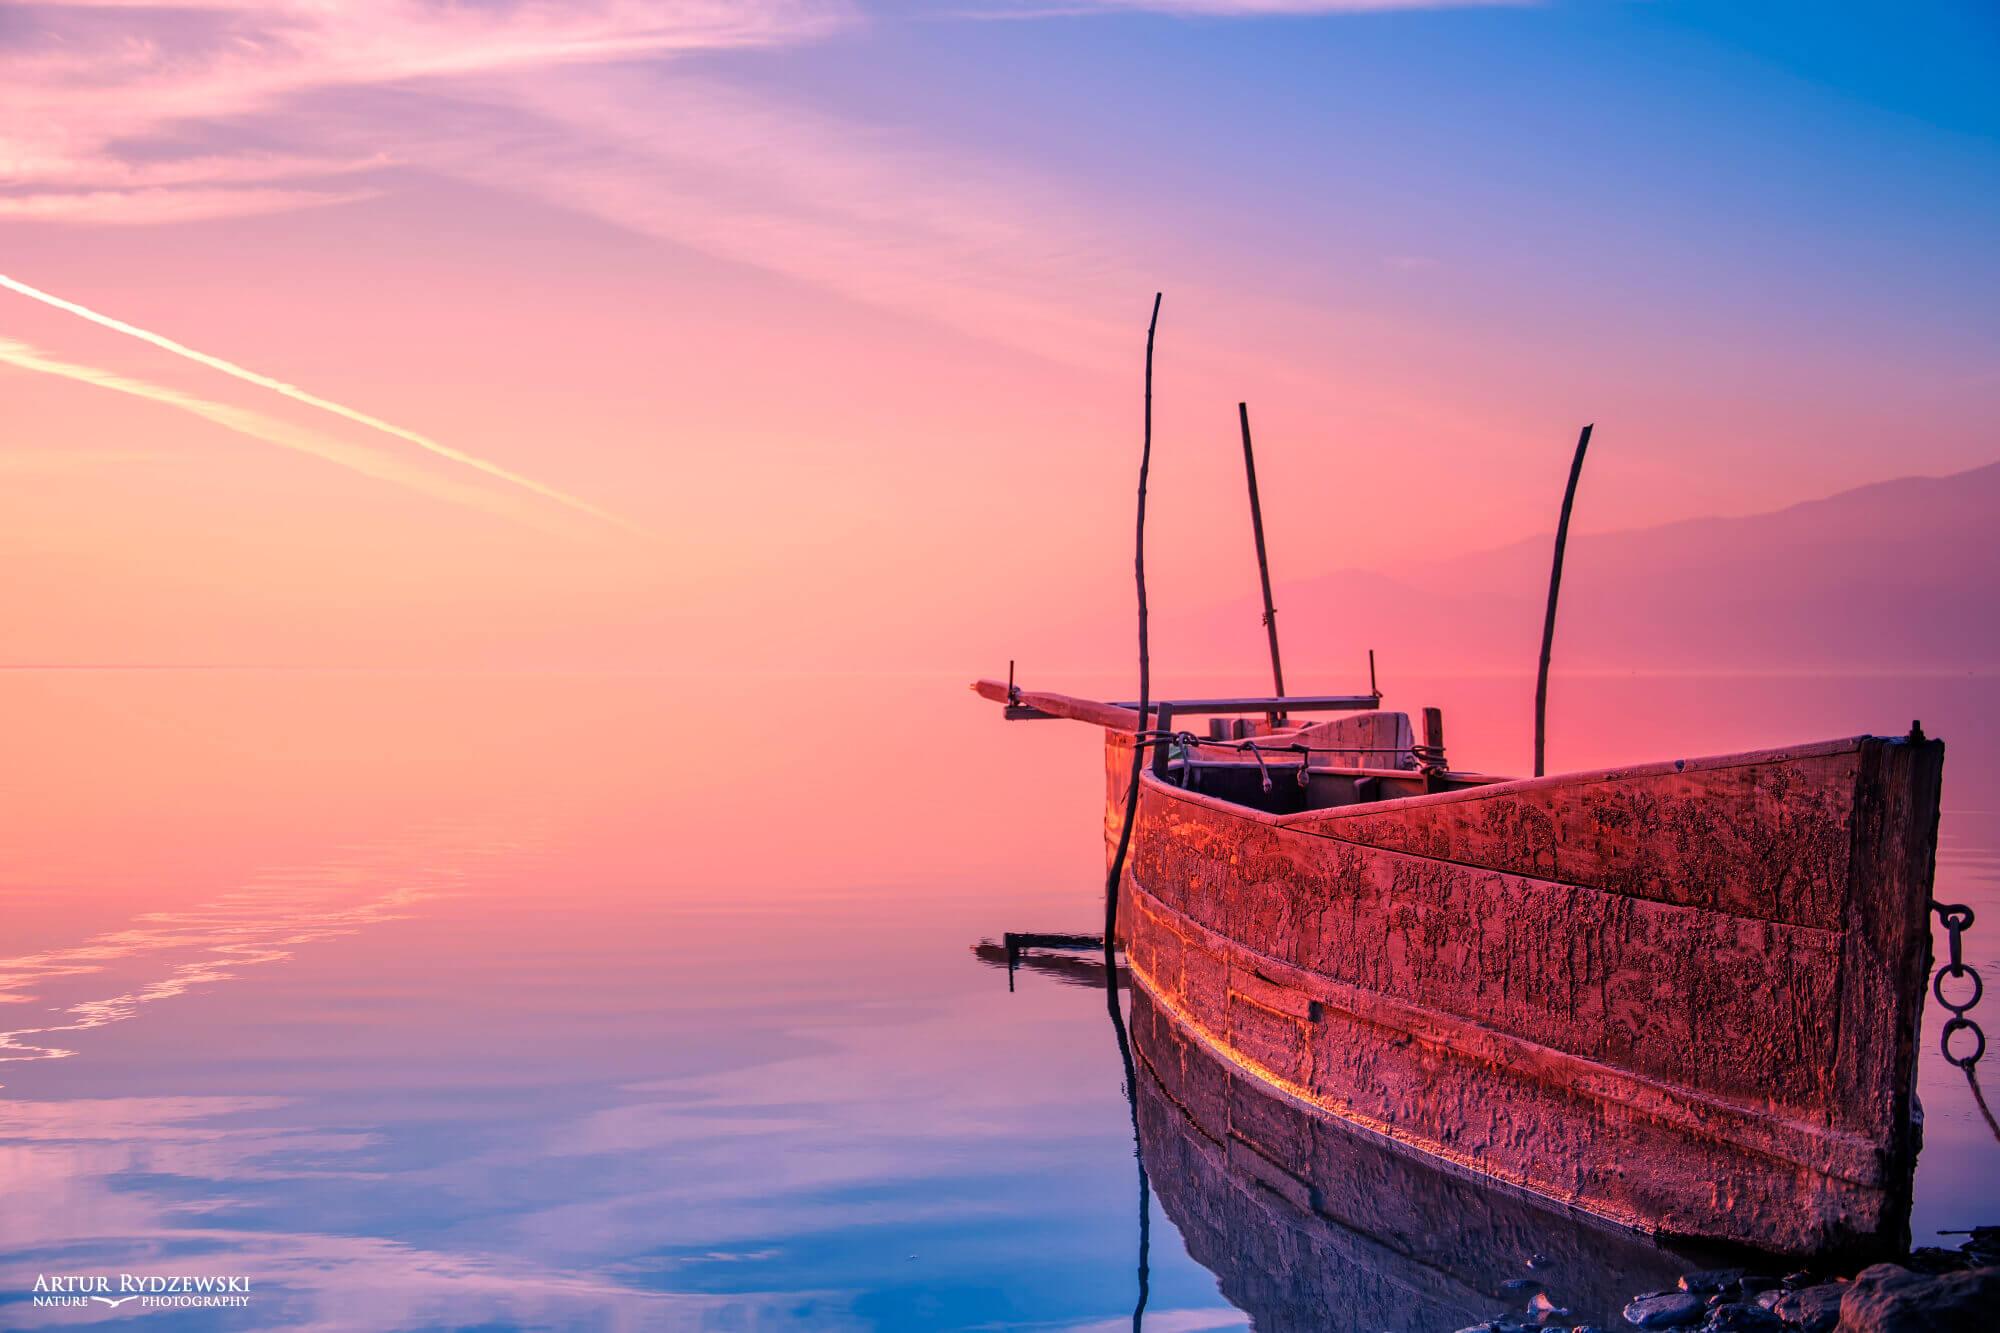 Old fishing boat, landscape, morning landscape